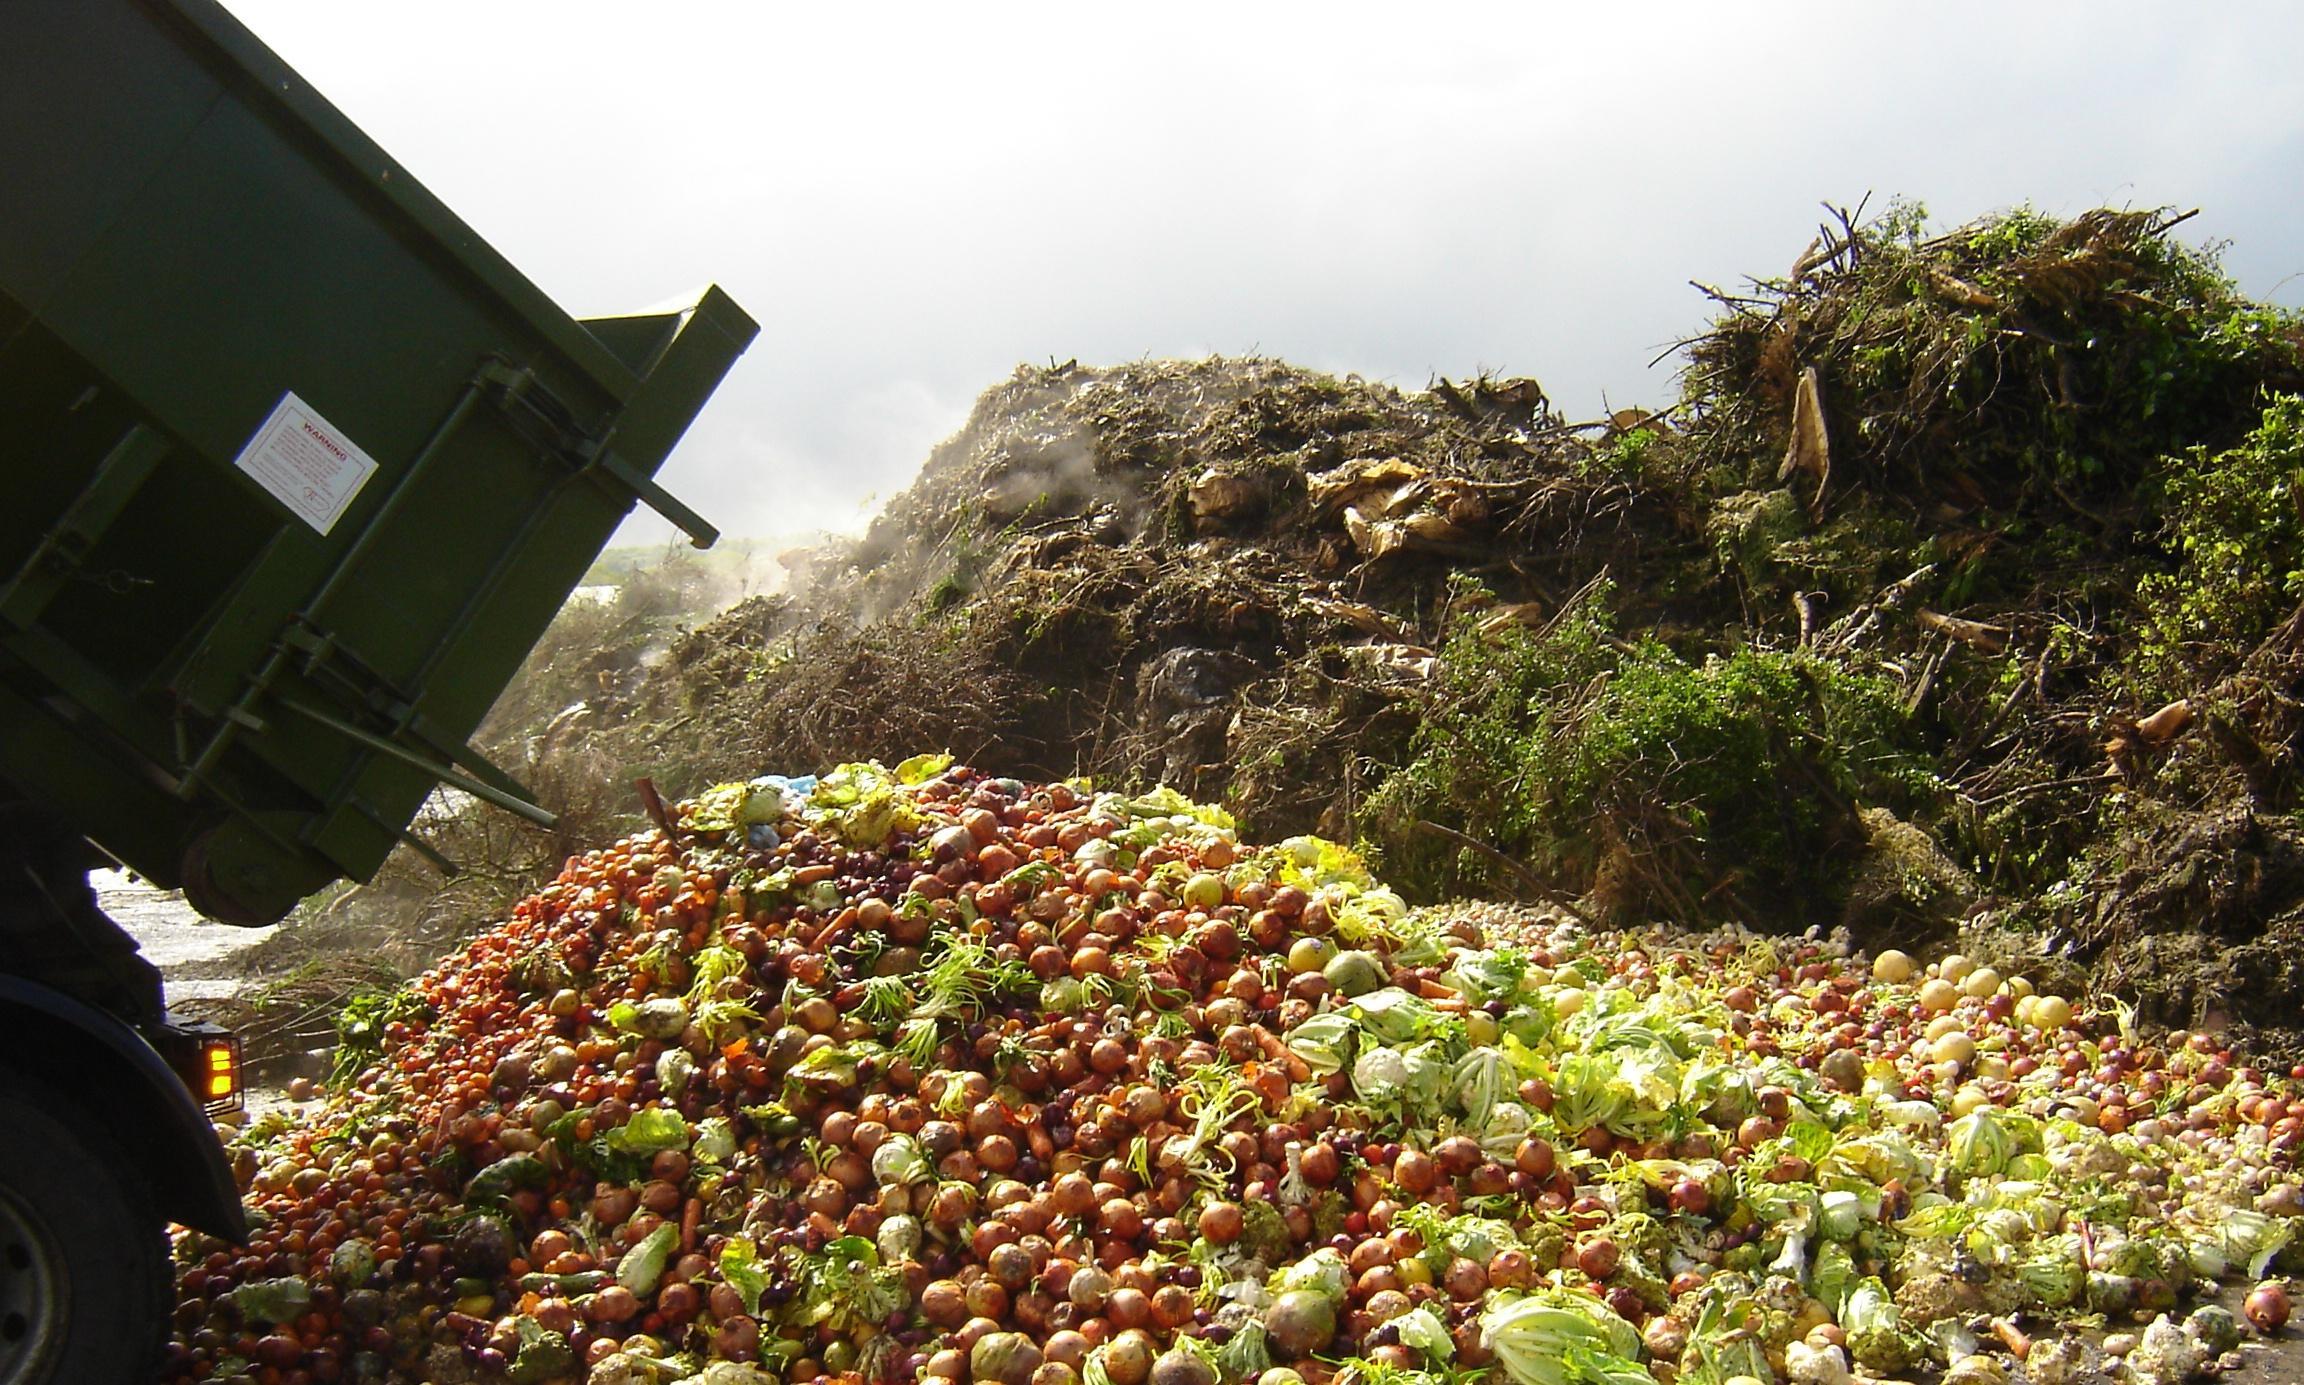 Resultado de imagem para comida desperdiçada